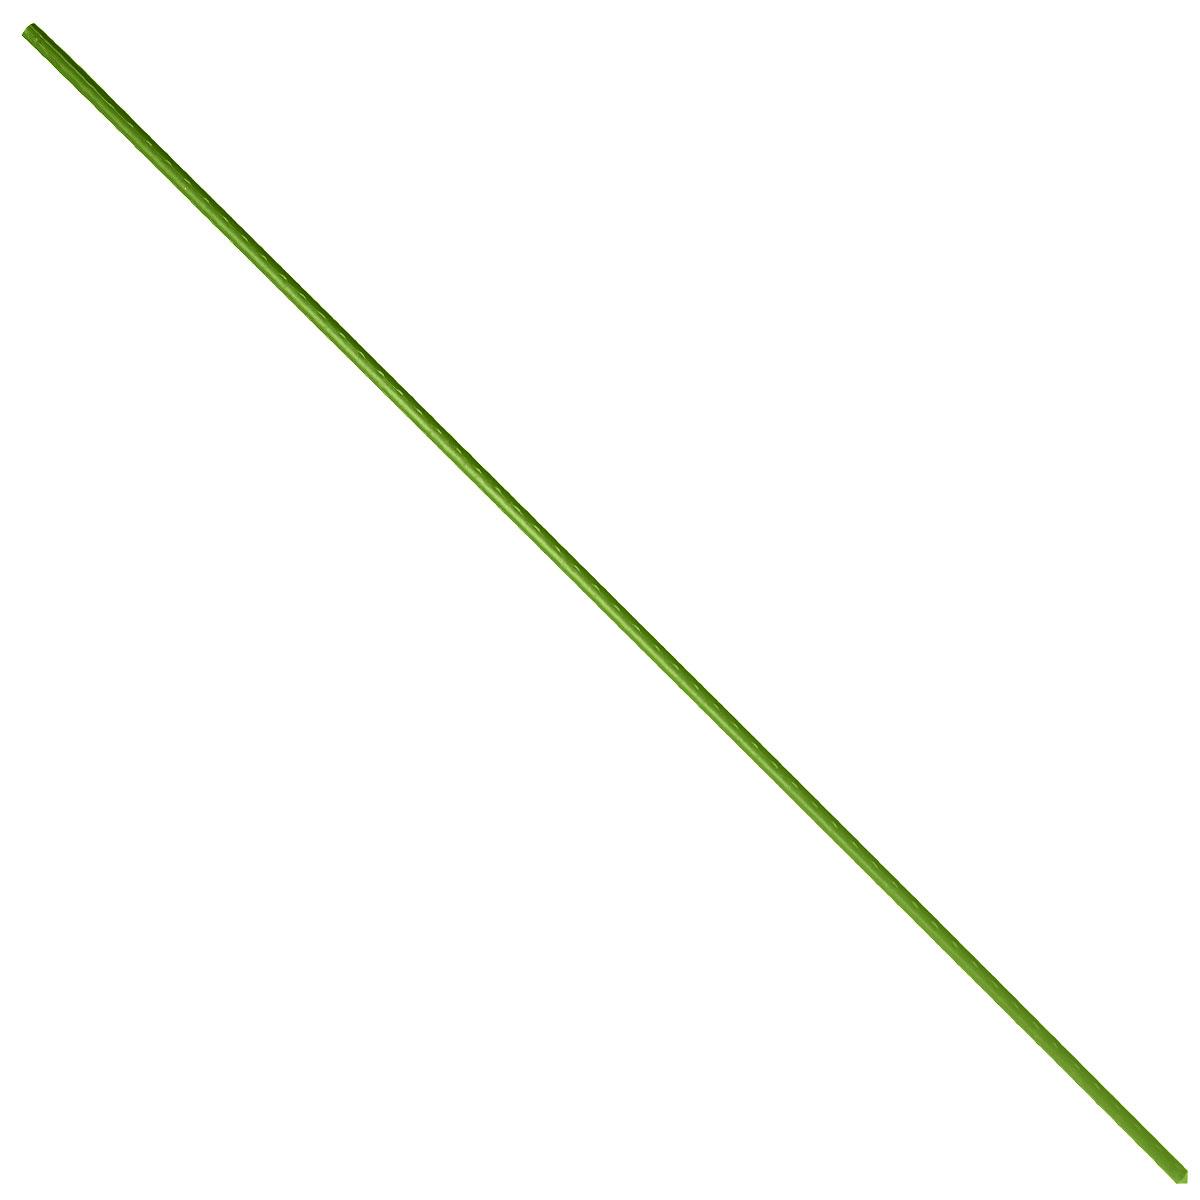 Опора для растений Green Apple, цвет: зеленый, диаметр 0,8 см, длина 75 см, 5 штGCSP-8-75Опора для растений Green Apple выполнена из высококачественного металла, покрытого цветным пластиком. В наборе 5 опор, выполненных в виде ствола растения с шипами. Такие опоры широко используются для поддержки декоративных садовых и комнатных растений. Также могут применятся для поддержки вьющихся растений в парниках. Длина опоры: 75 см. Диаметр опоры: 0,8 см. Комплектация: 5 шт.